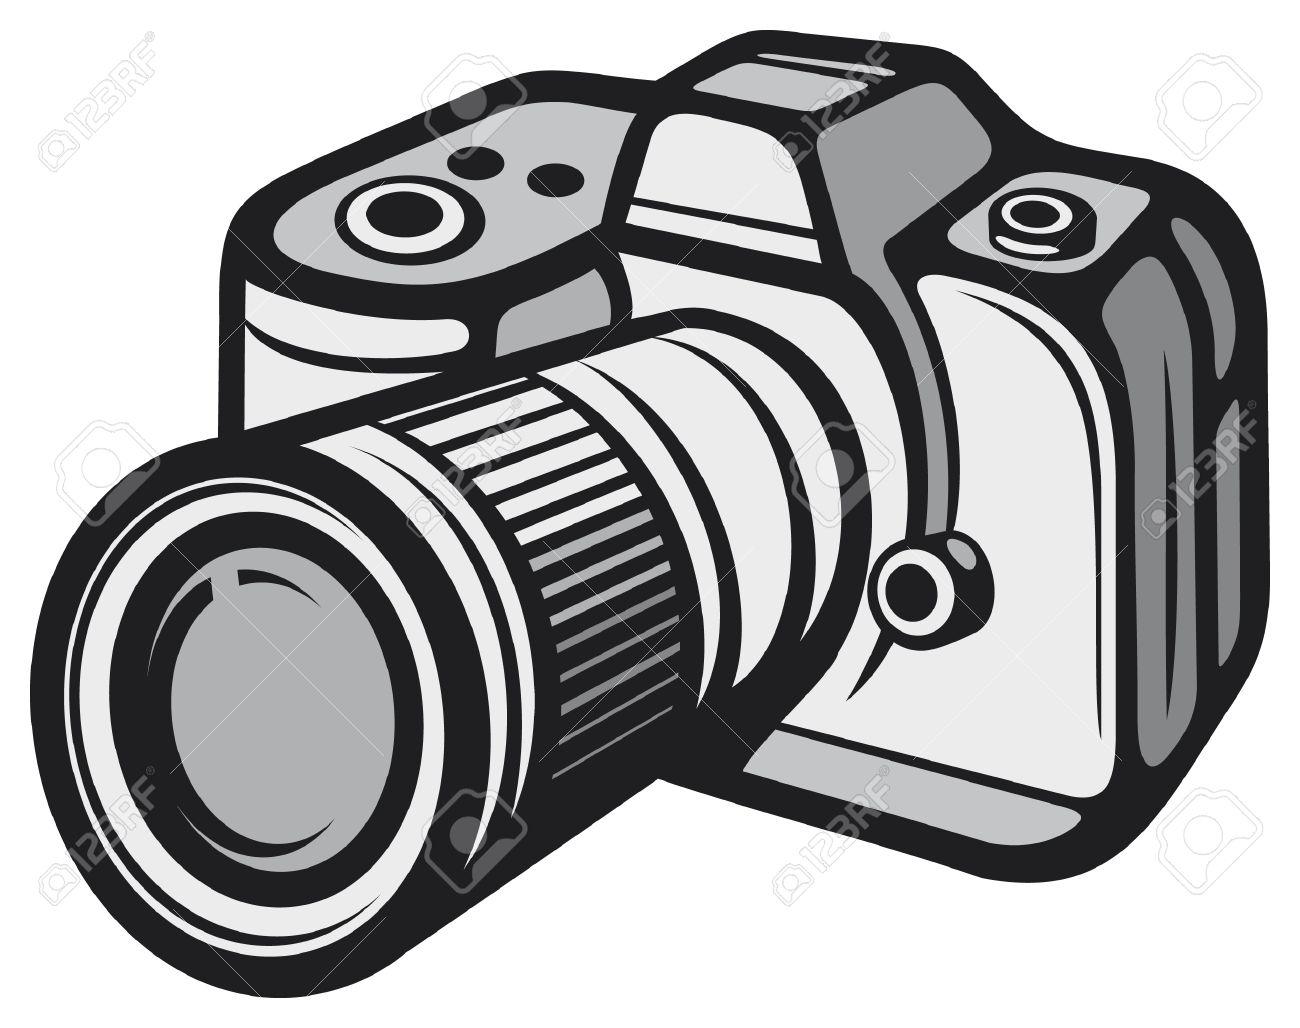 Compact Digital Camera Digital Photo Camera Royalty Free